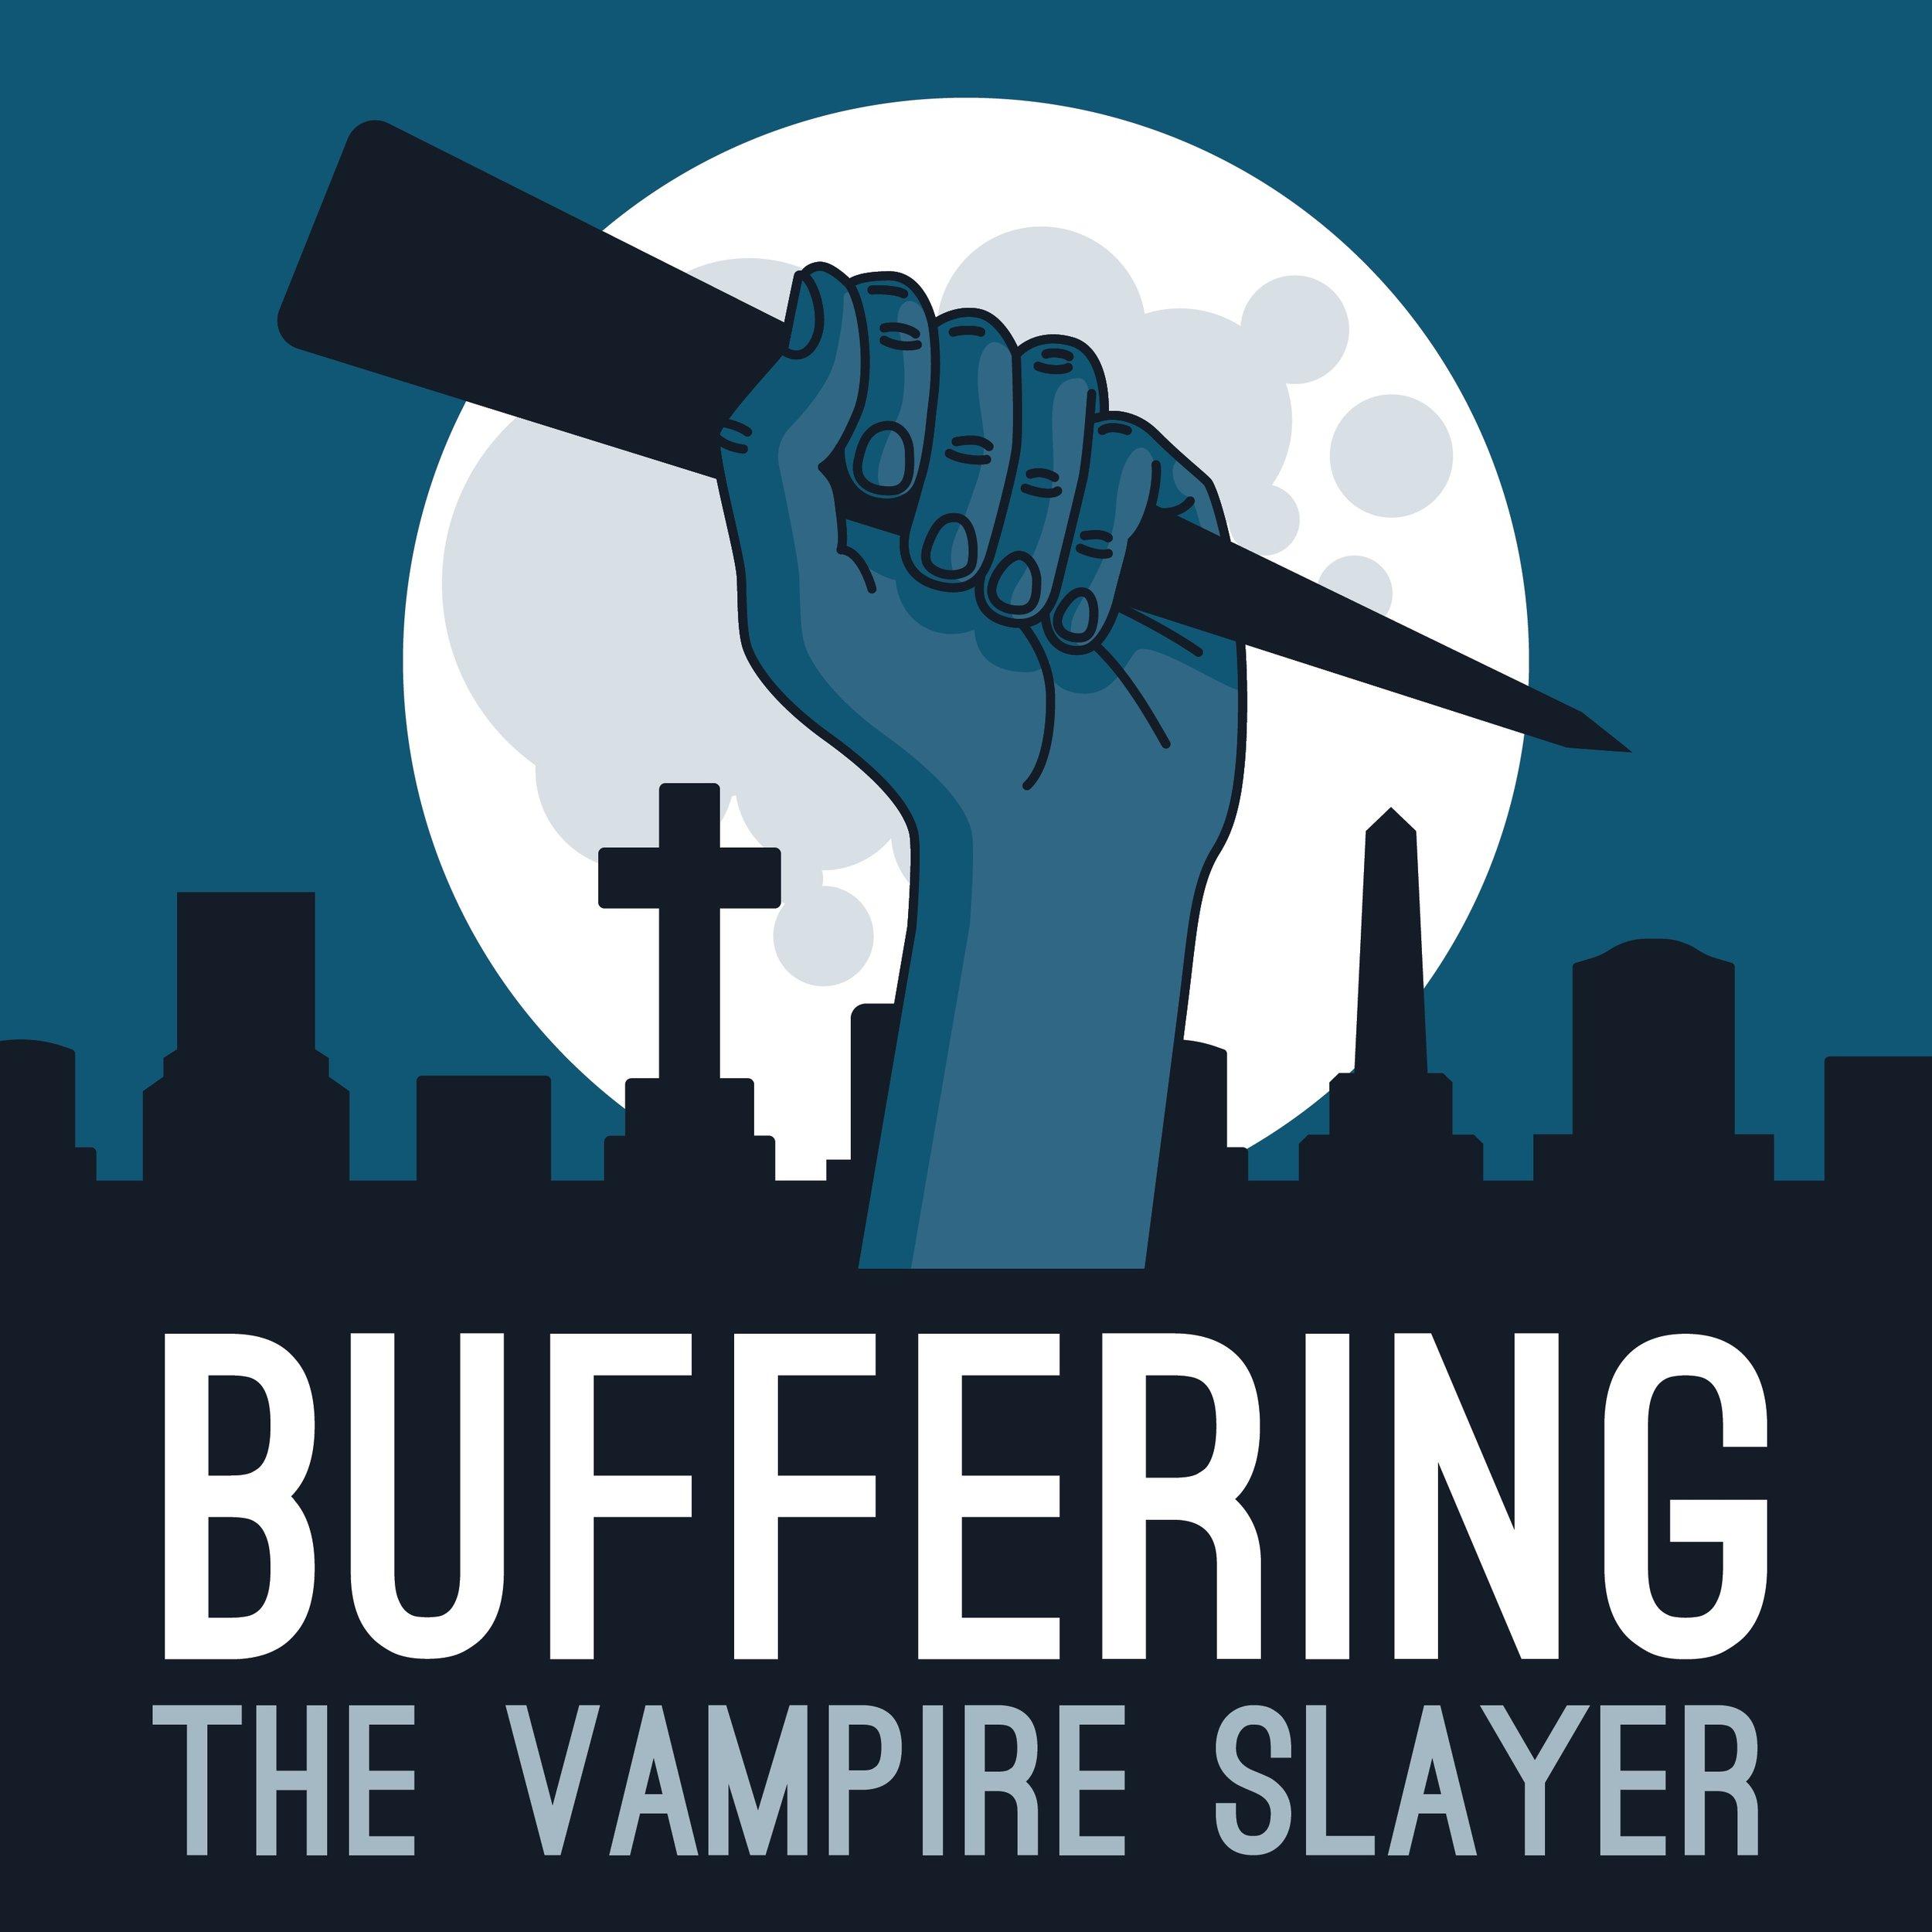 BufferingTheVampireSlayer.jpg